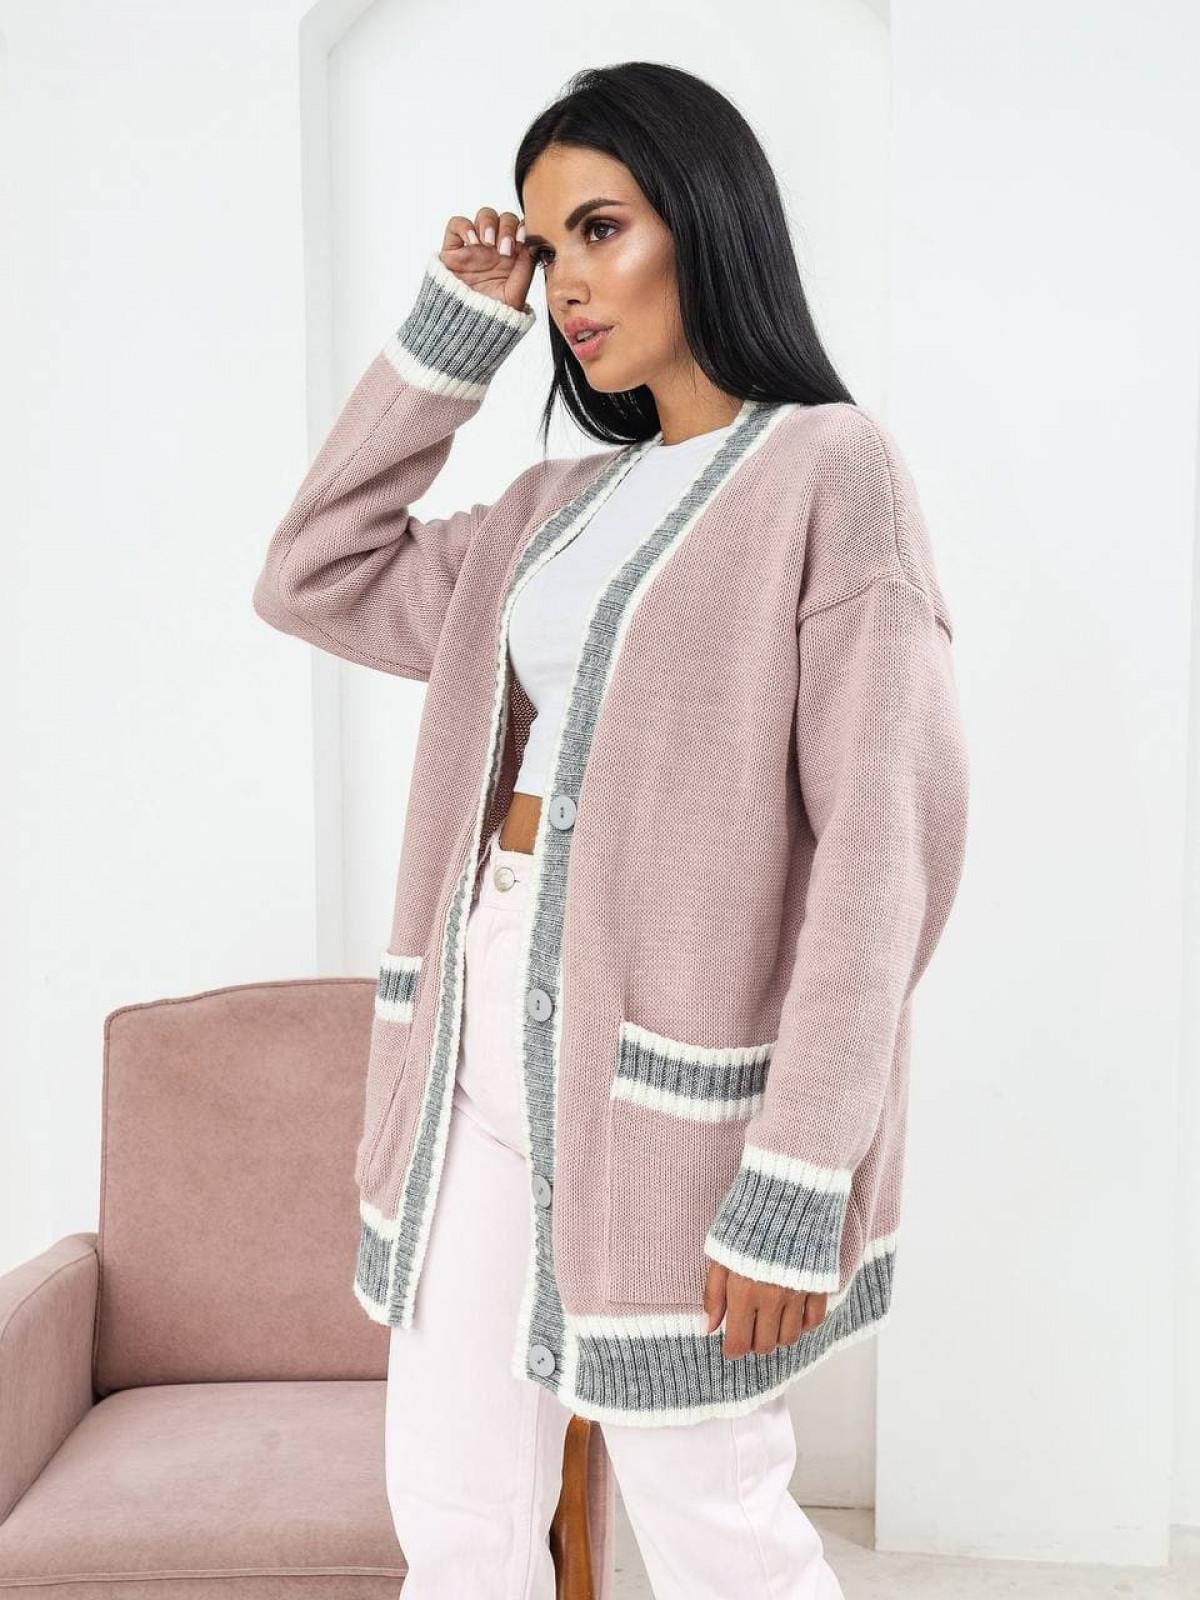 Кардиган вязаный Maison163 розовый-серый